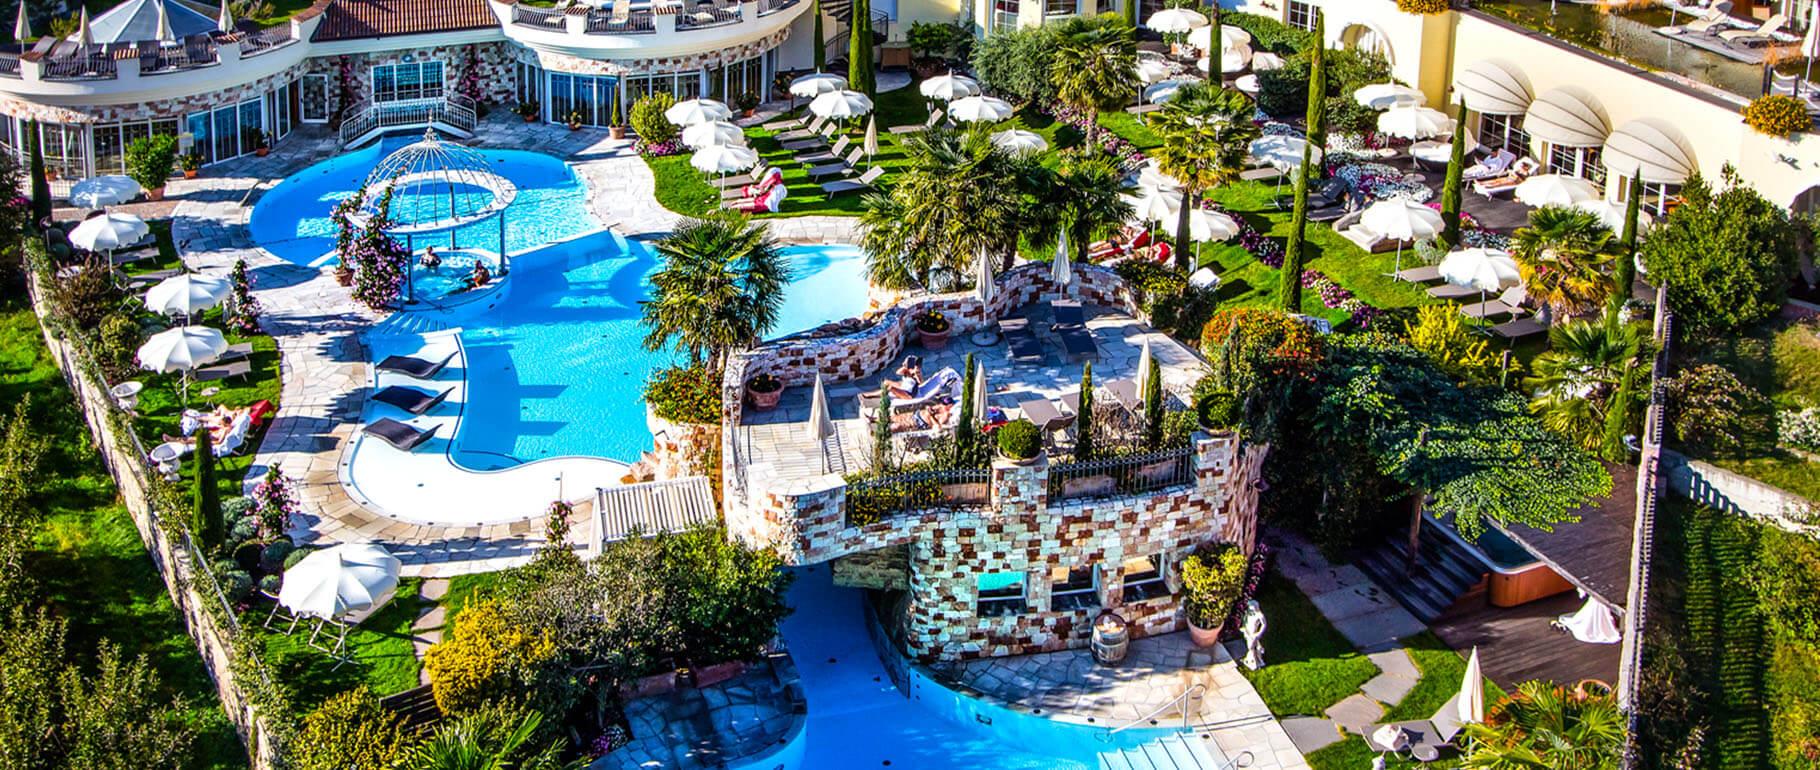 Hotel Preidlhof Pools